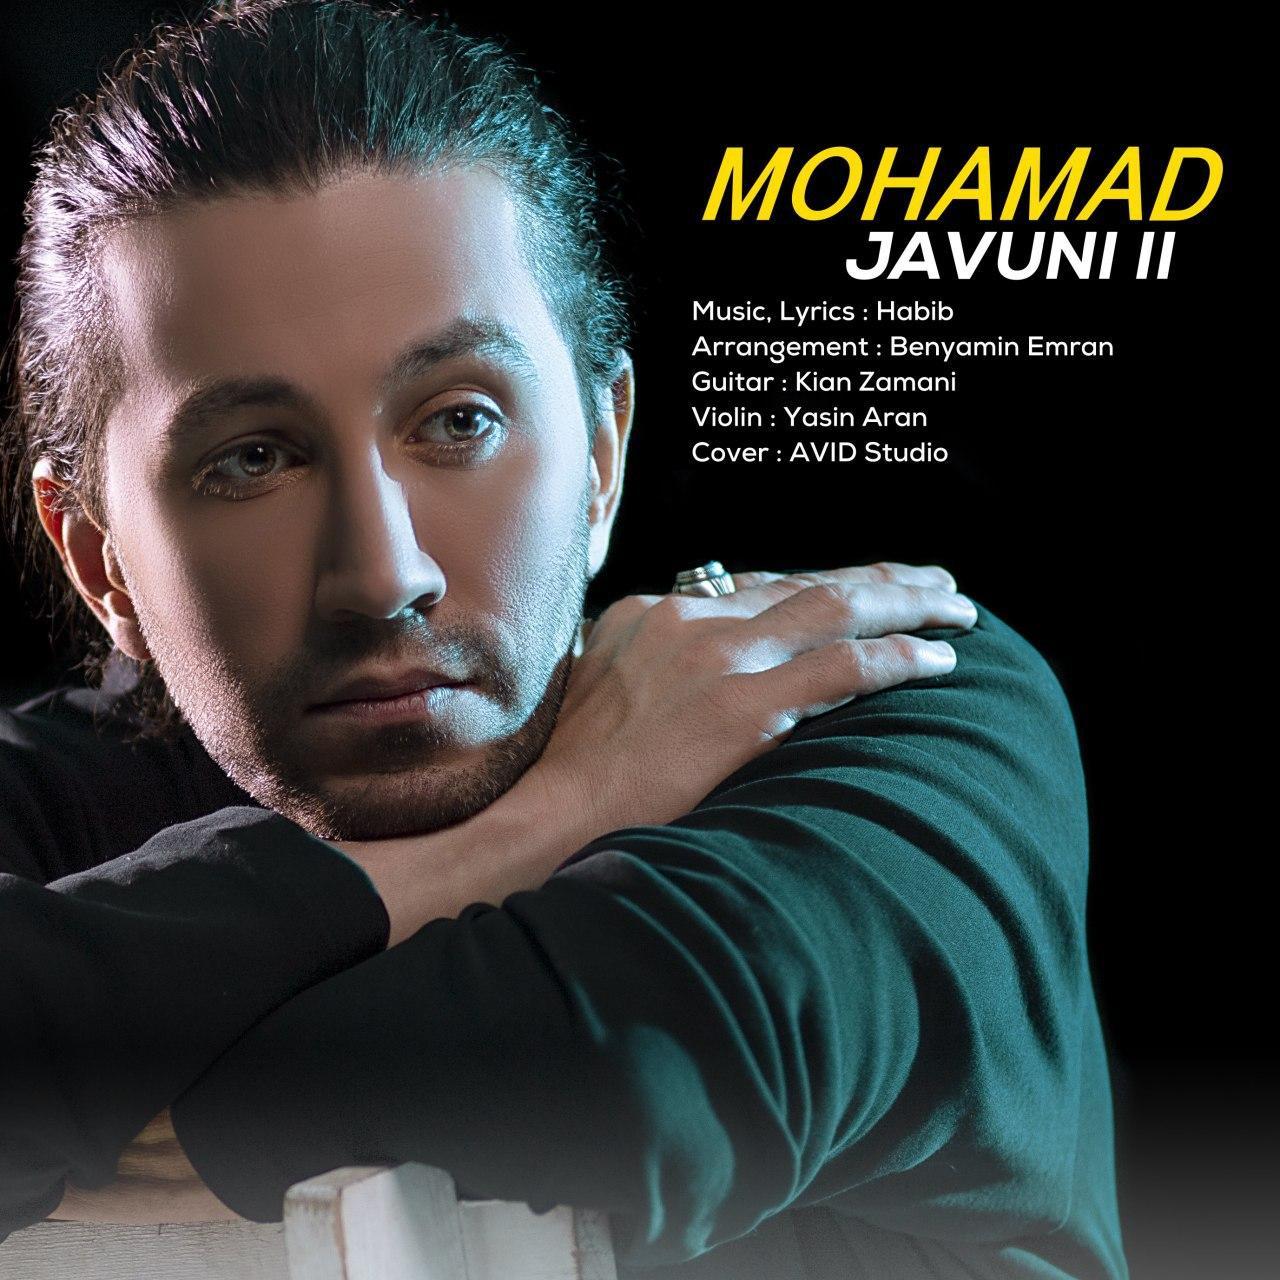 دانلود آهنگ جدید محمد محبیان به نام جوونی 2